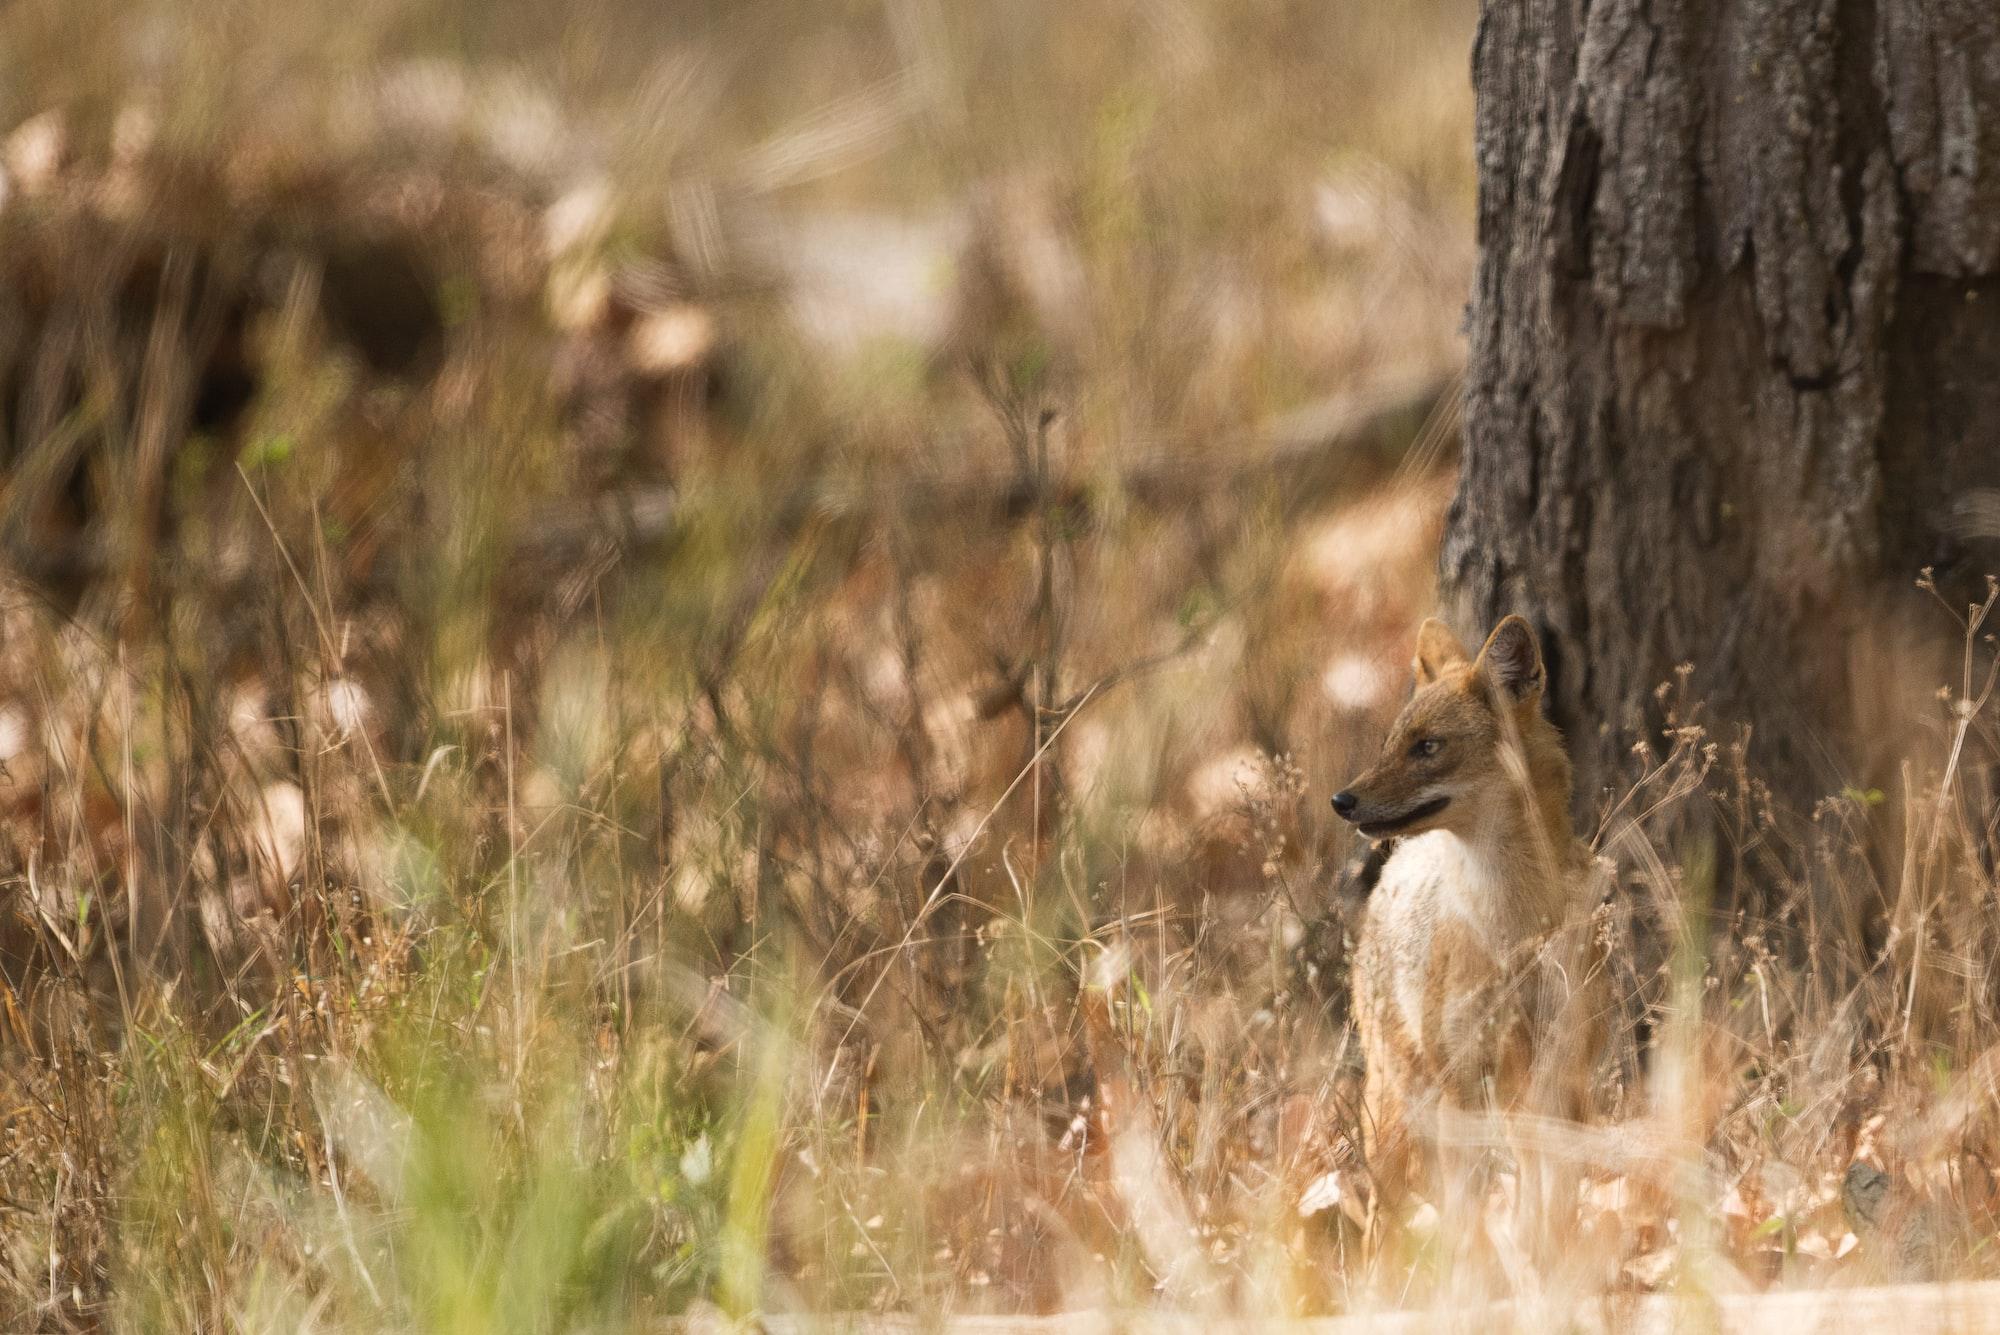 Çakala Benzer Vahşi Bir Hayvan Bulmaca Anlamı Nedir?